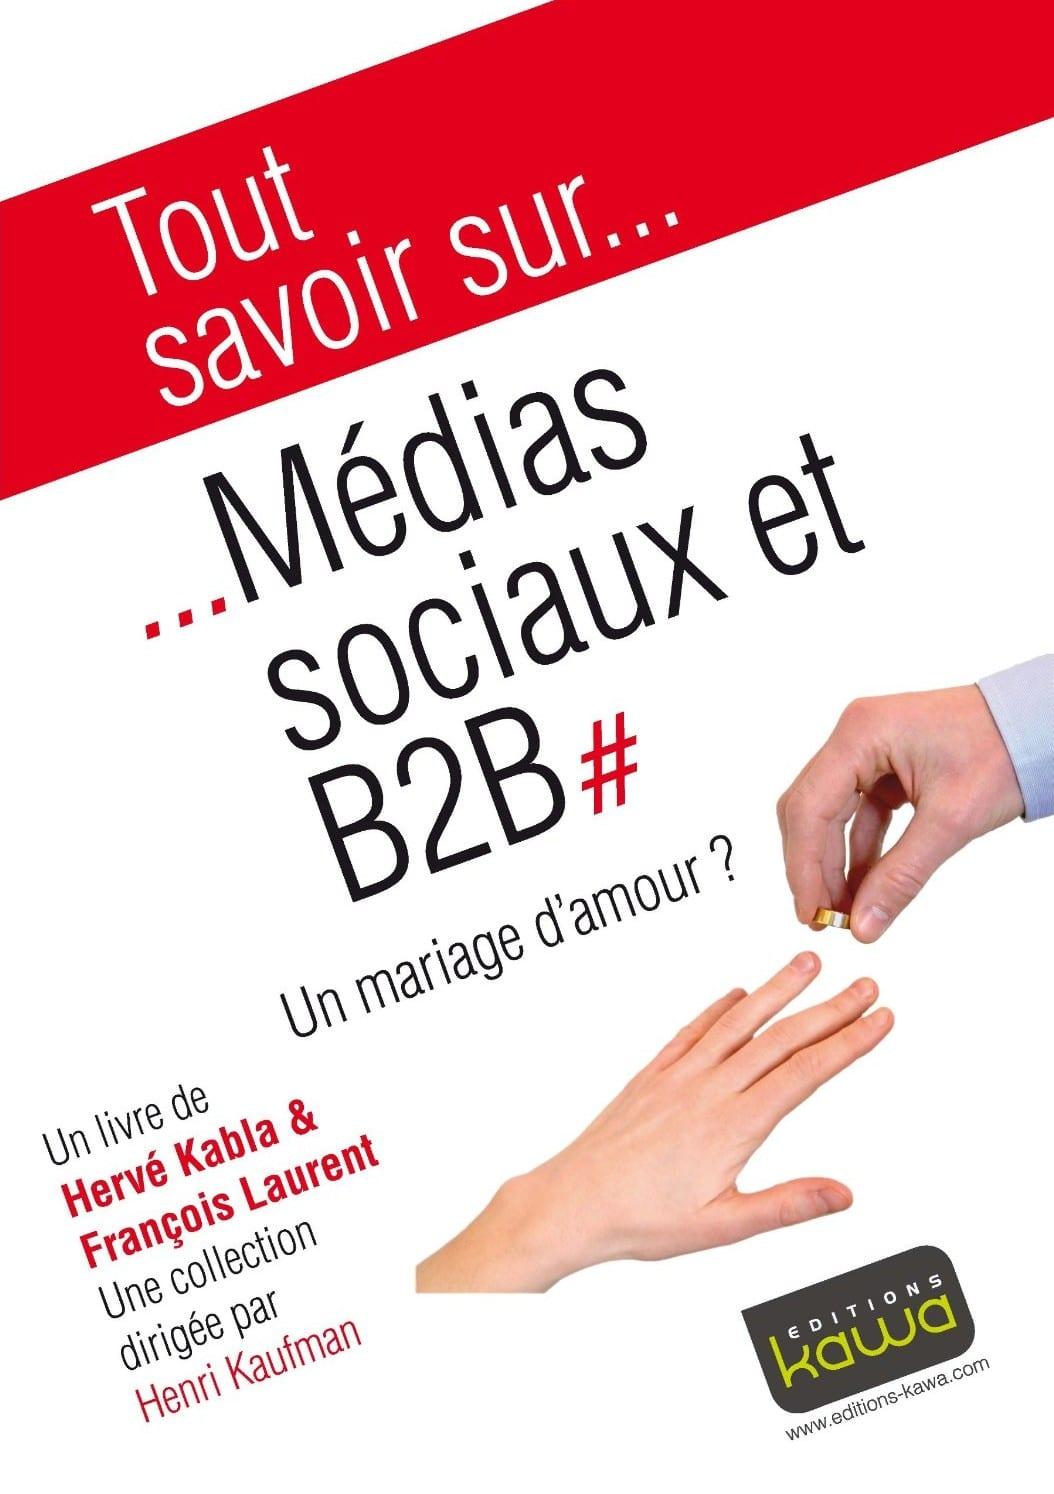 Media Sociaux et B2B, un mariage d'amour ? - Daniel BO, Emmanuel Fraysse et Gérard Haas 1